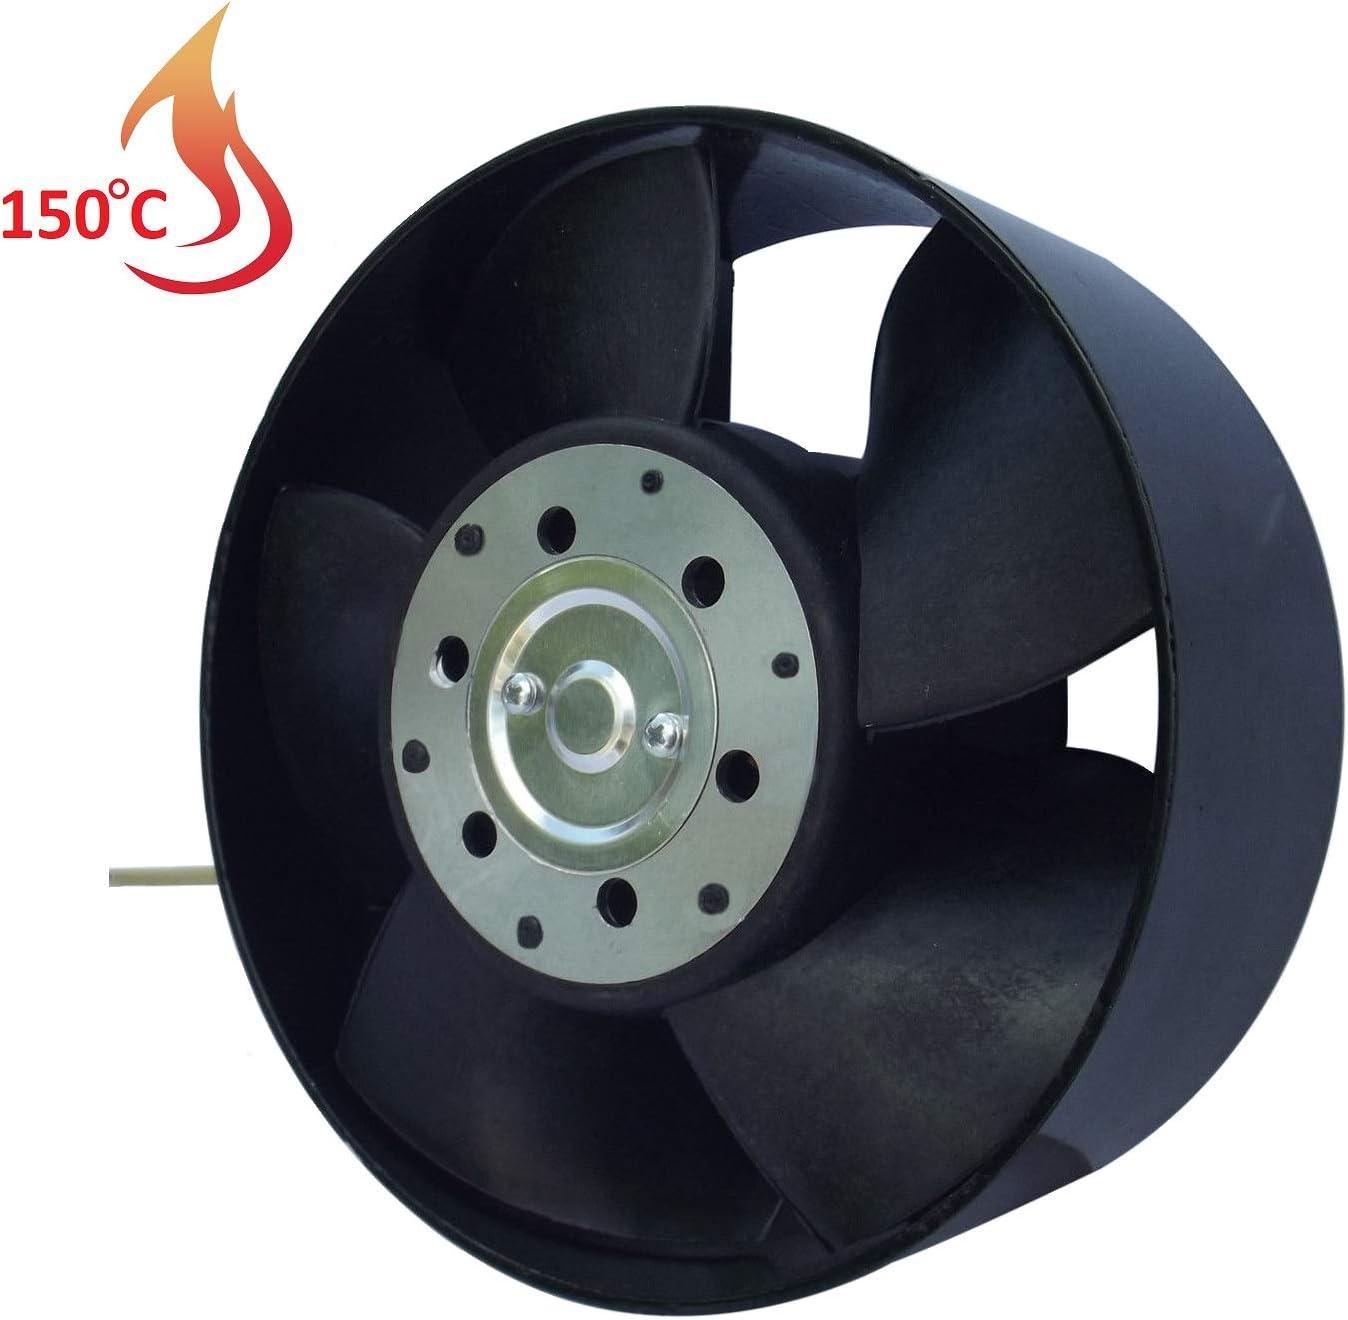 Ventilador Extractor de Alta Temperatura 150°C para conductos Circulares 150 mm Rodamiento a Bolas NSK Japón Double Sellado de Larga Vida de 30.000 Horas